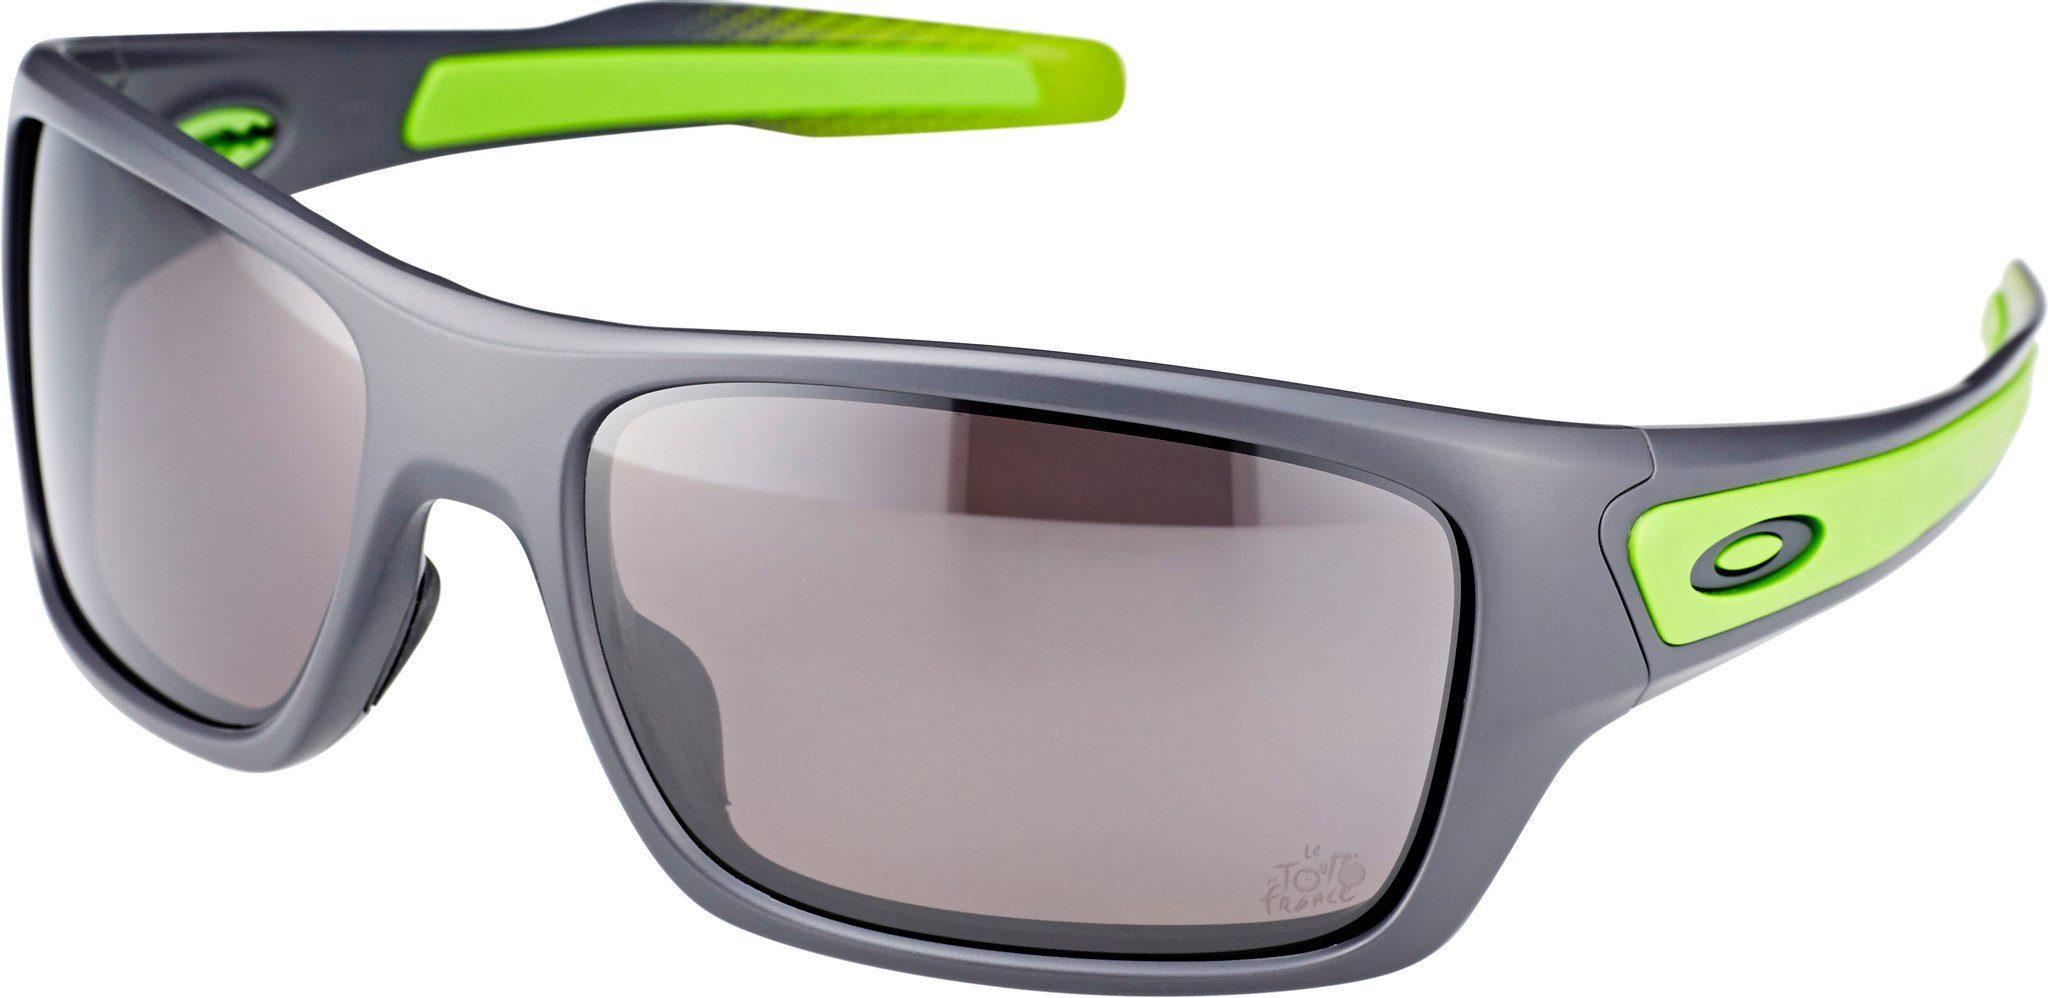 Oakley Sportbrille »Turbine«, schwarz, schwarz